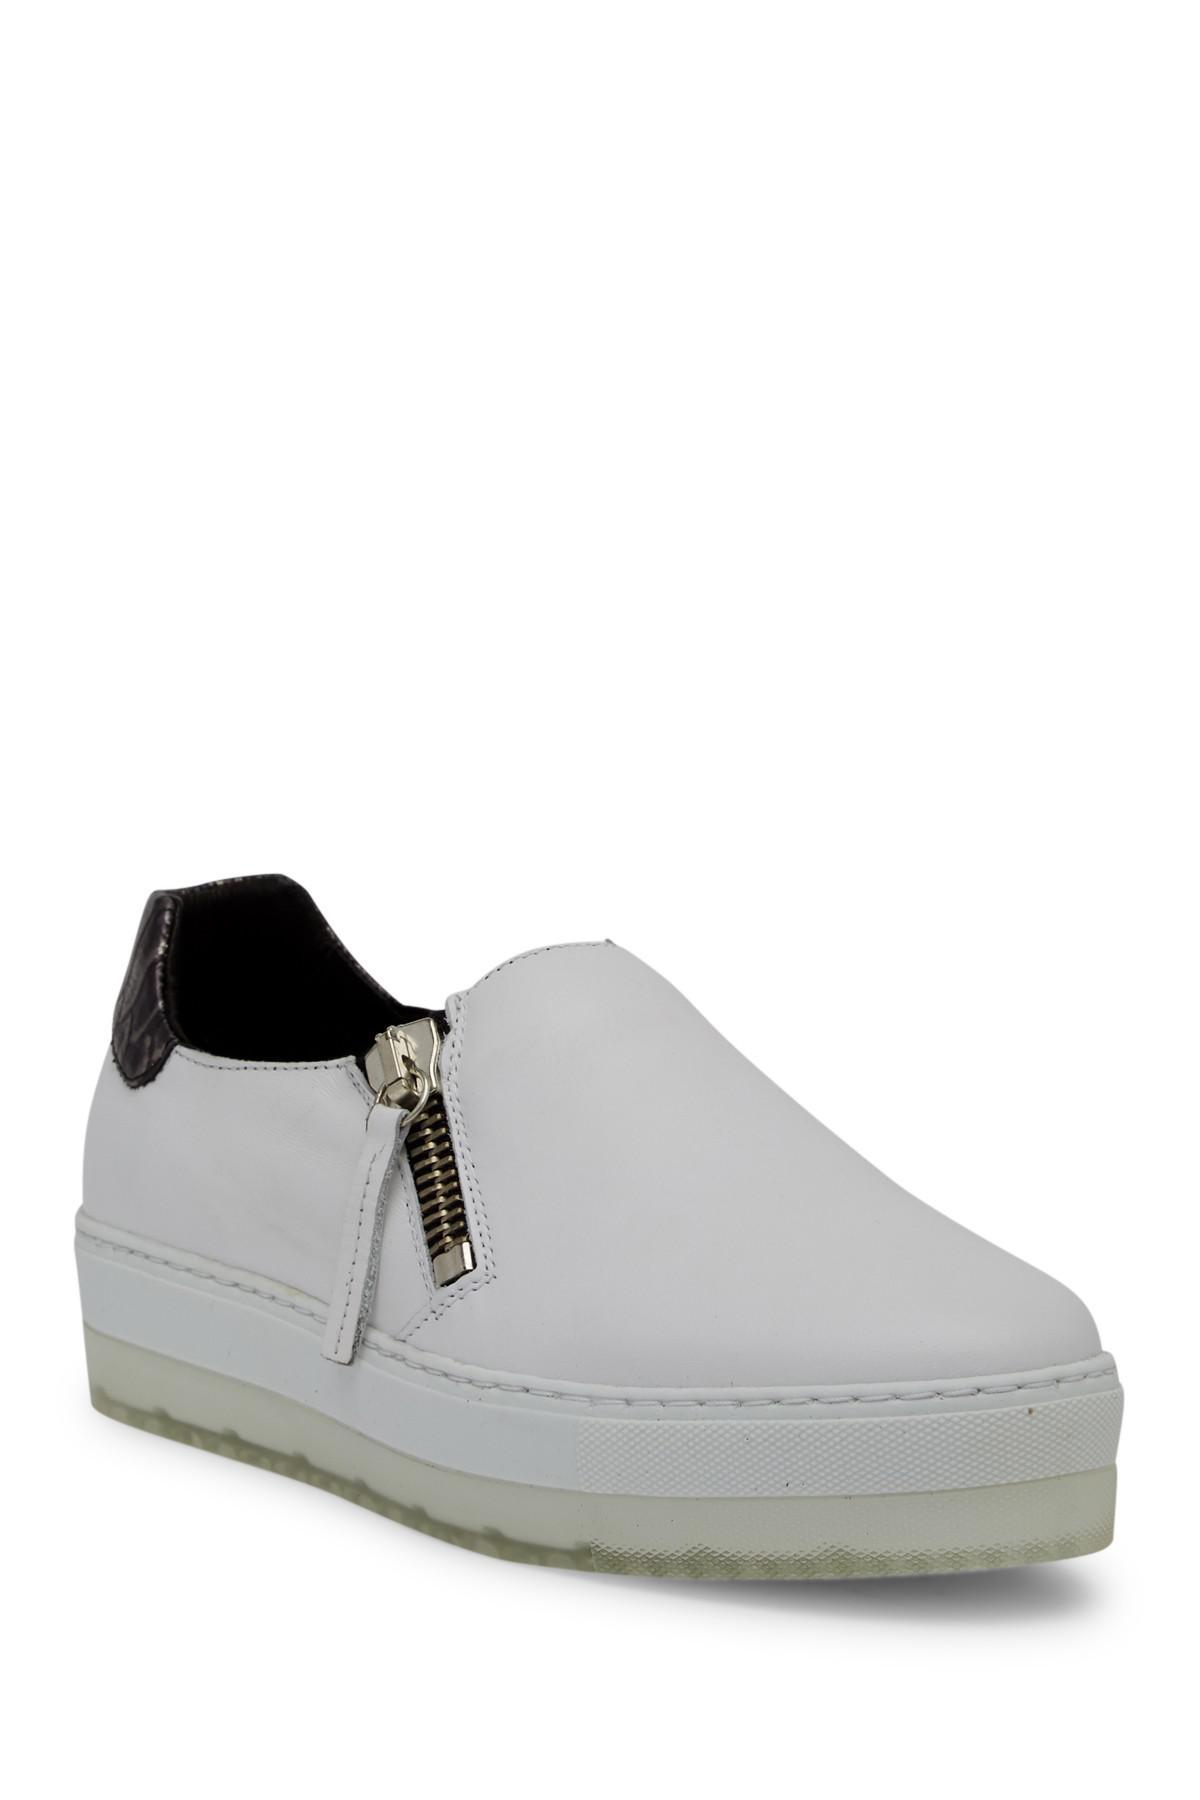 espadrille sneakers - White Diesel N5BSfN6RS